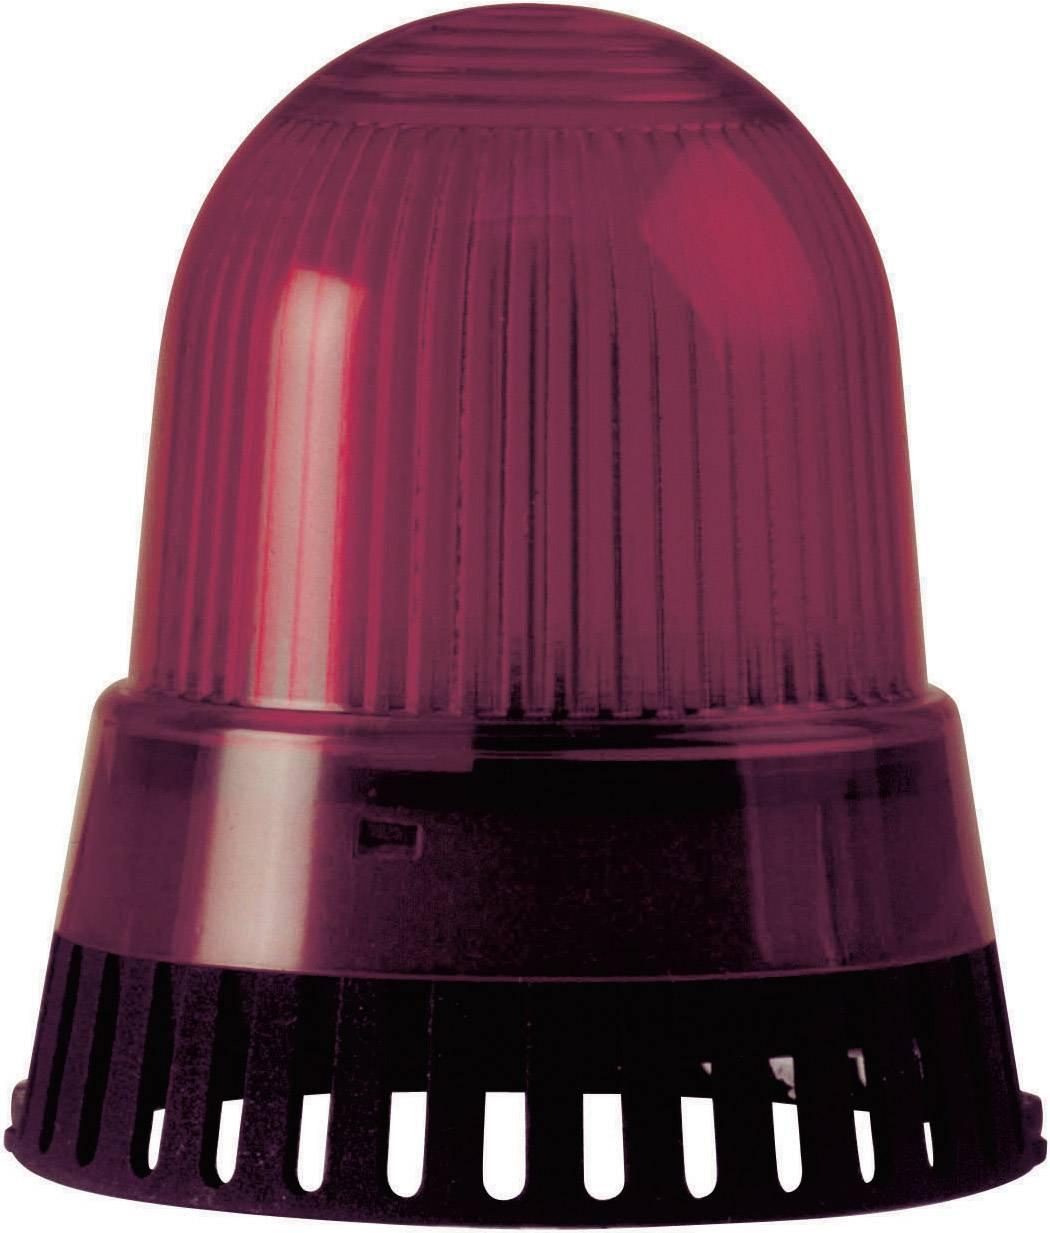 Bzučák s bleskem Werma 421.110.75, 24 V DC/AC, červená